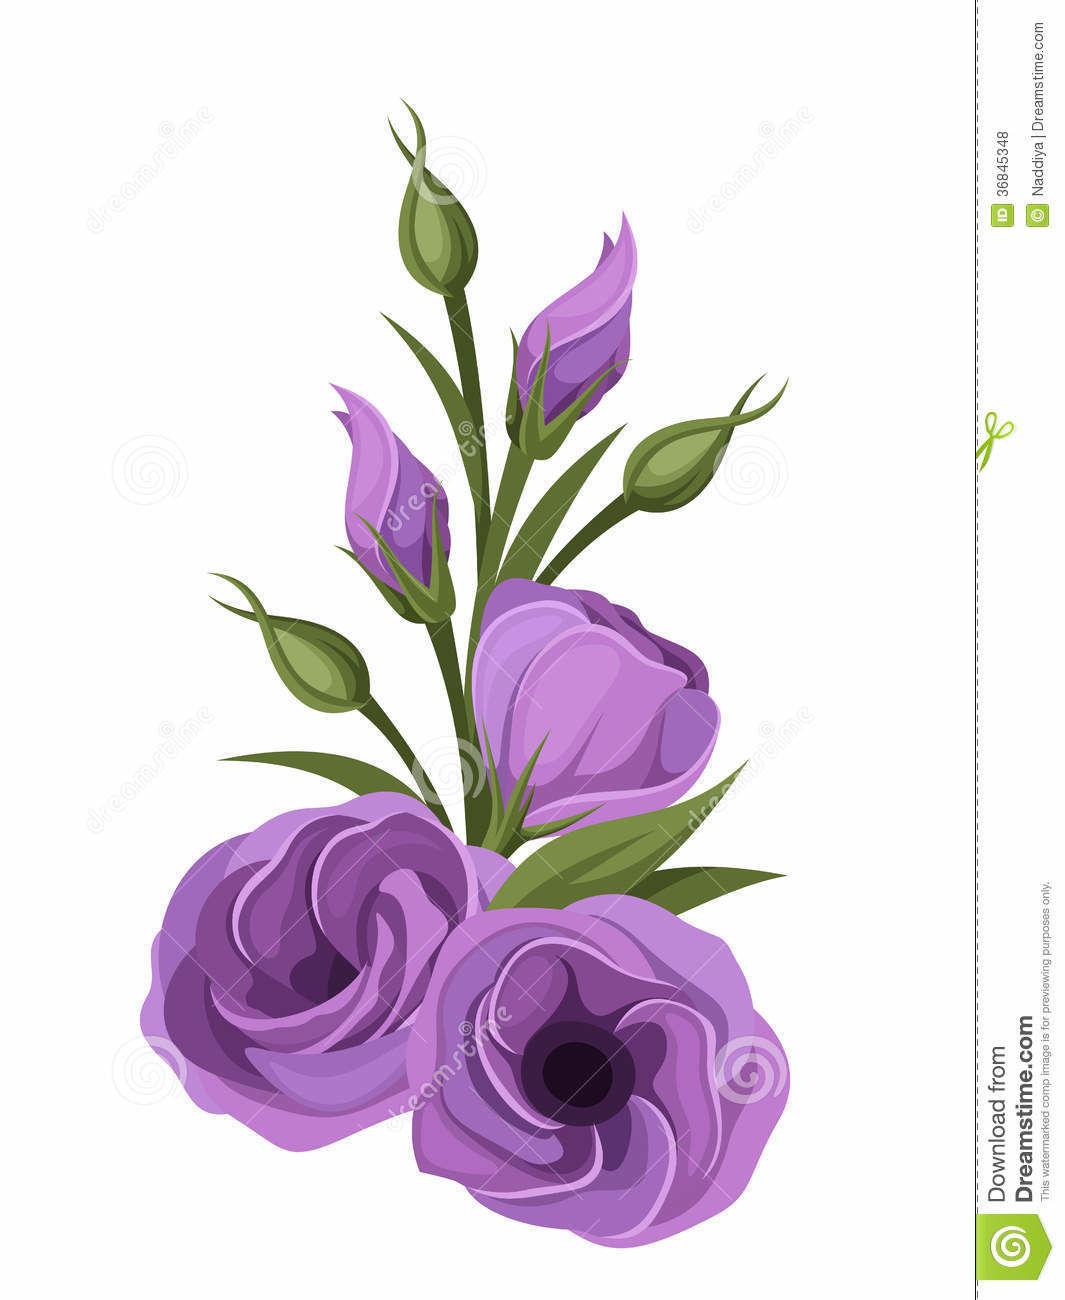 Purple-lisianthus-flowers-illustration-isolated-white-background-36845348